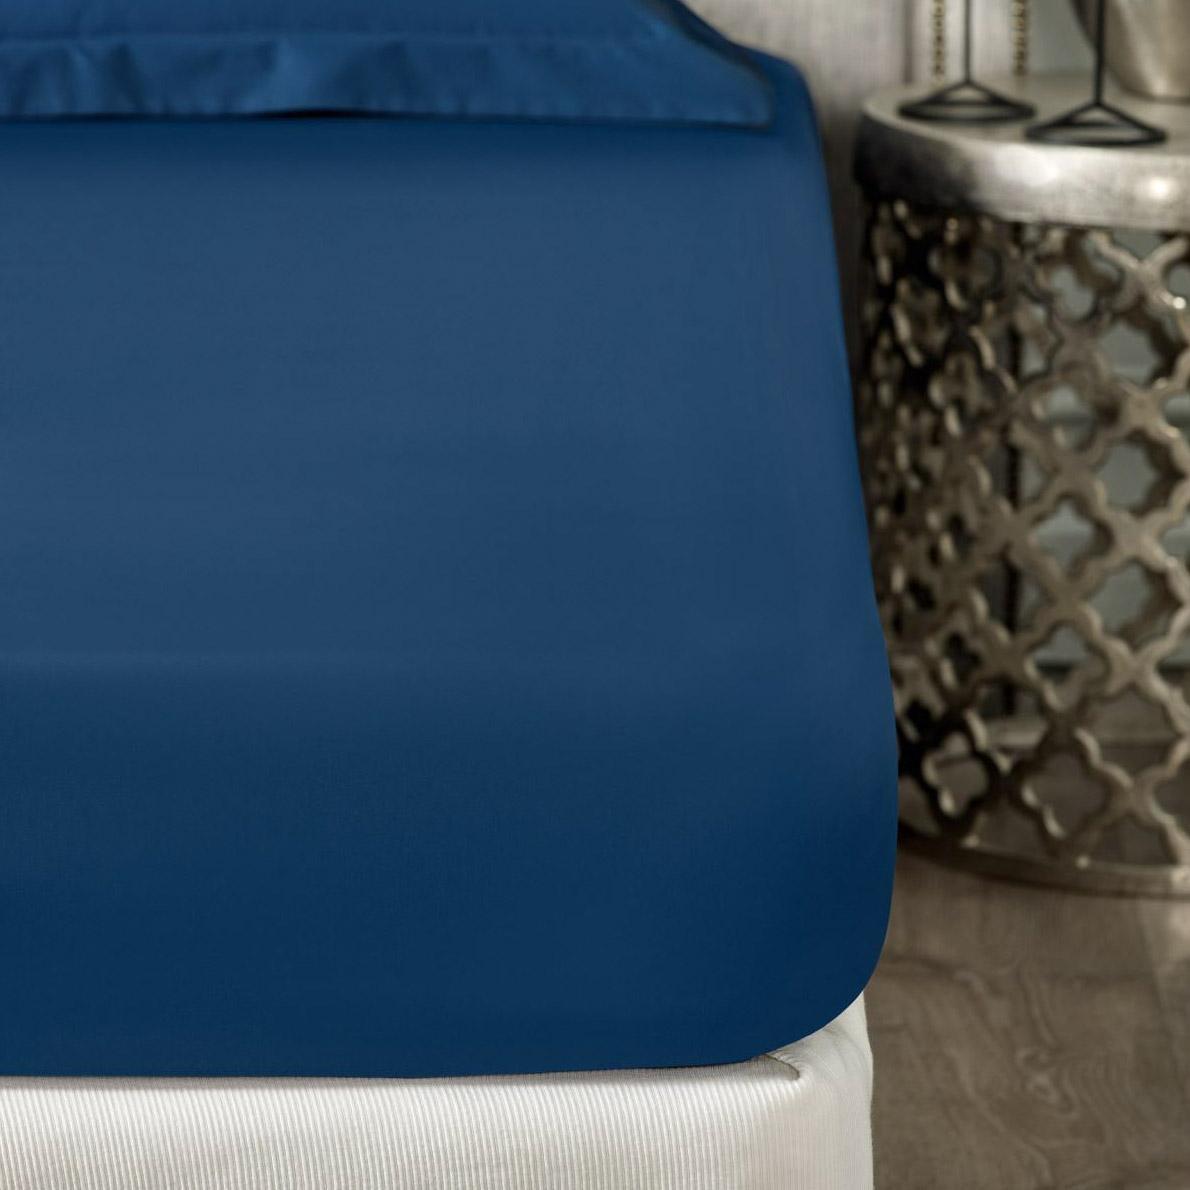 Фото - Простыня Togas роял темно-синий 240х270 пододеяльник togas роял темно синий 145х200